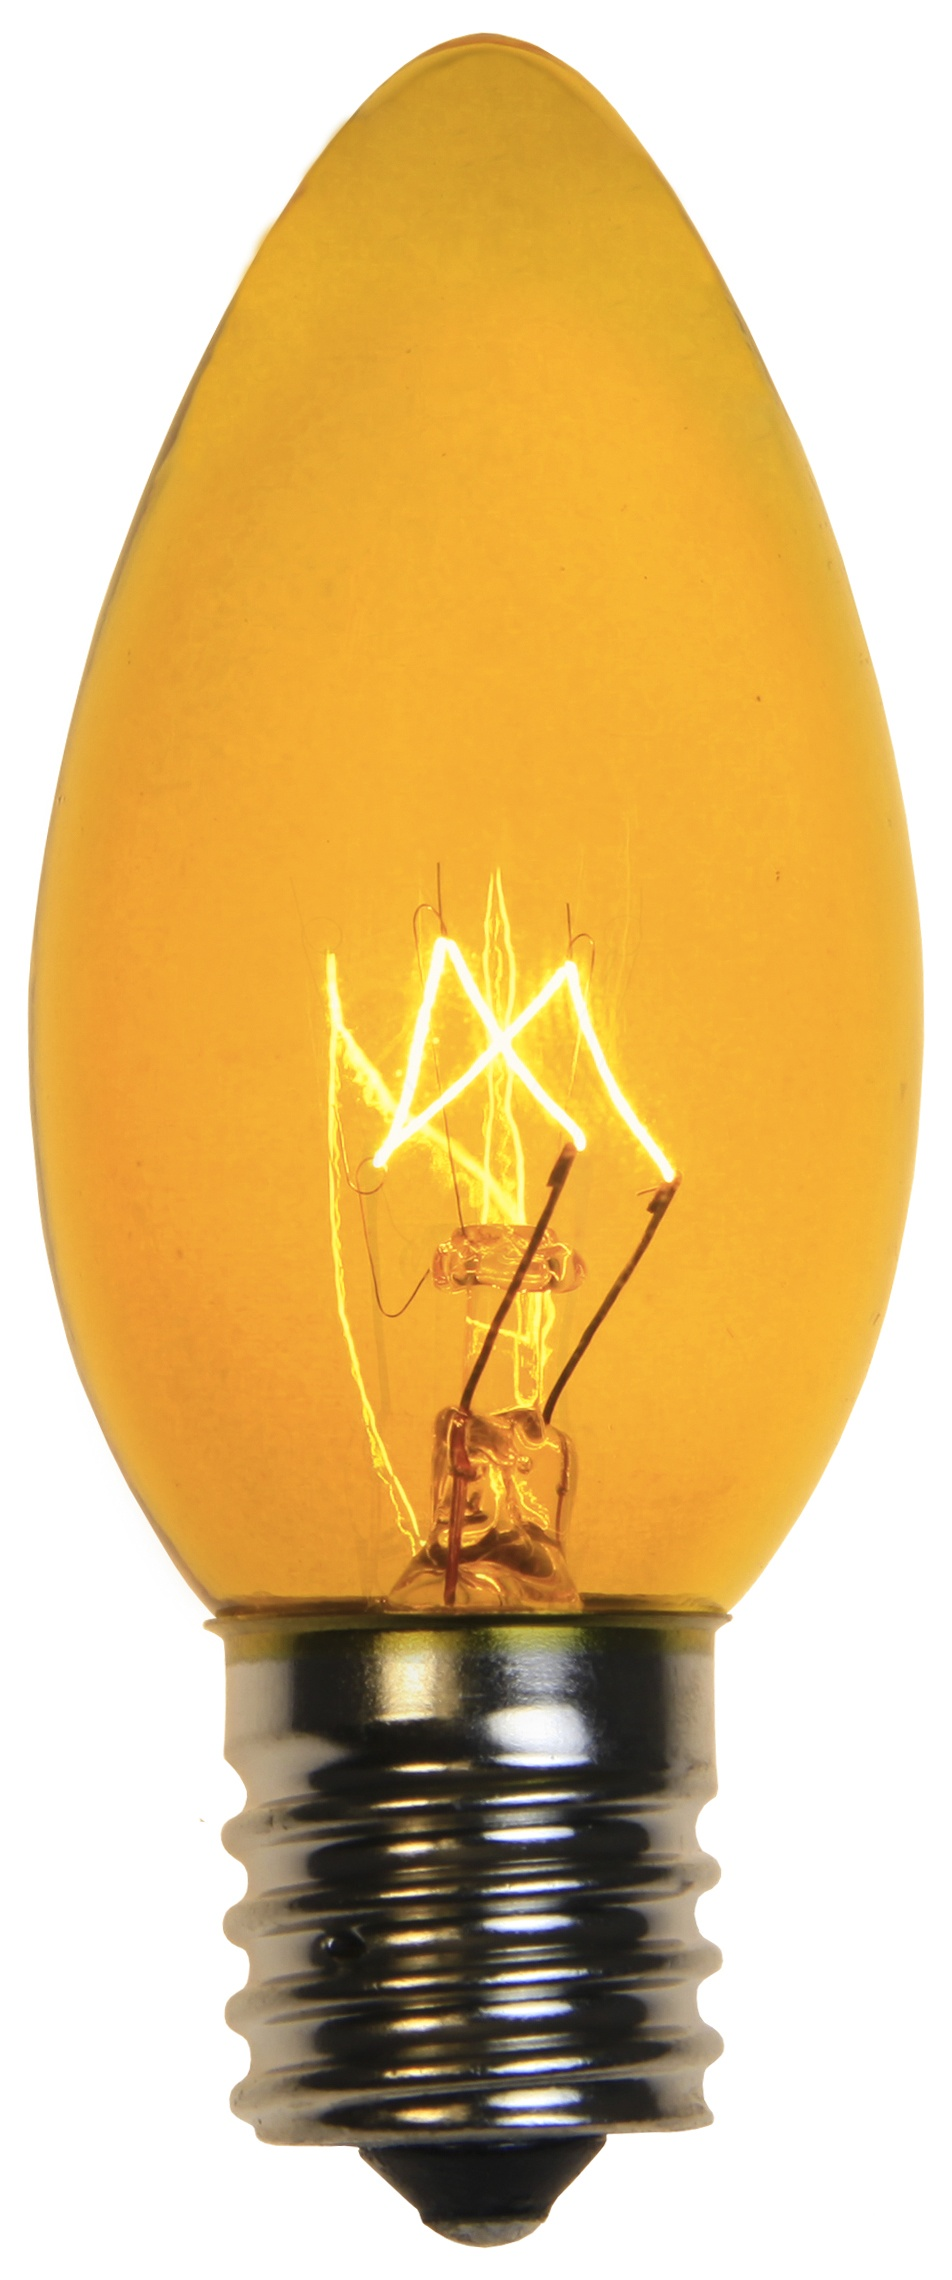 C9 Christmas Light Bulb C9 Yellow Christmas Light Bulbs